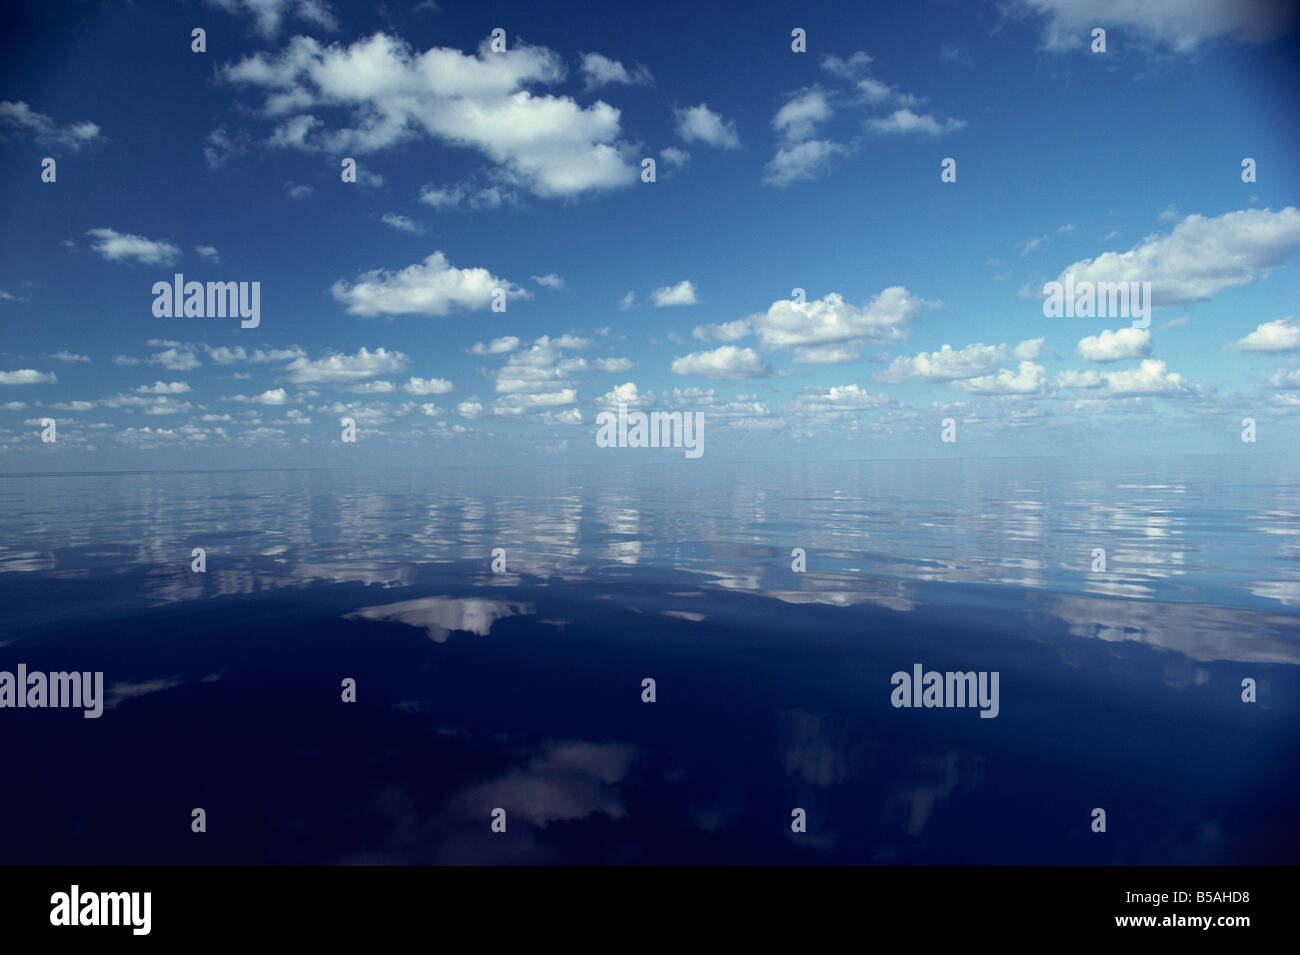 Réflexions de nuages blancs et ciel bleu dans l'eau de l'océan Indien aux Maldives, l'Océan Indien Banque D'Images